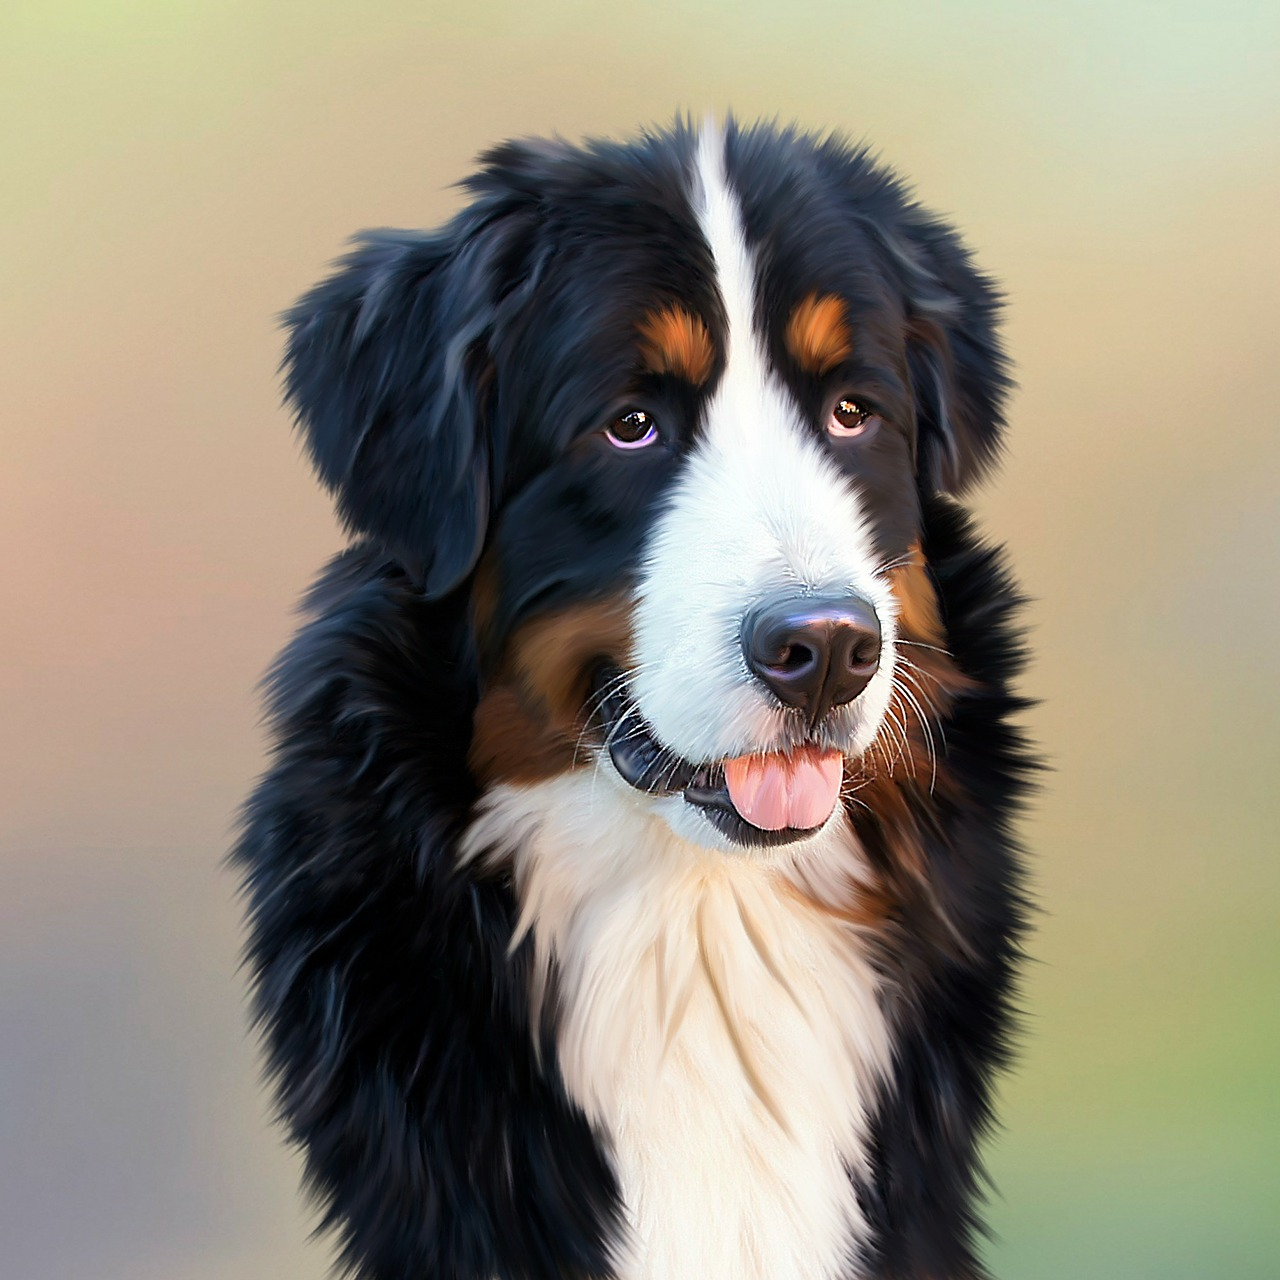 Jak powinny wyglądać poprawne ogłoszenia o zaginięciu psa?